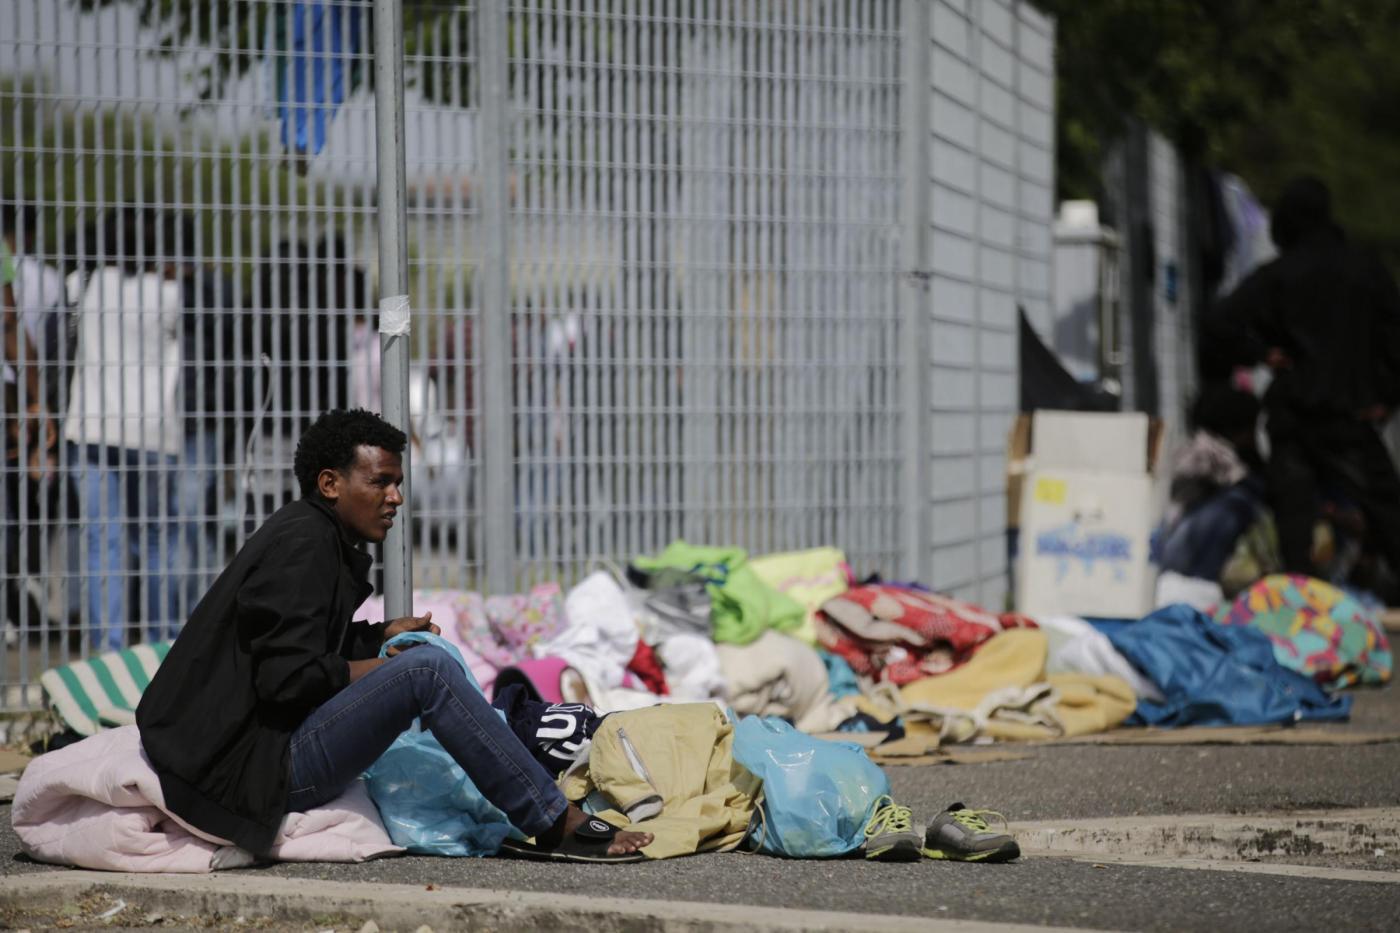 Gli immigrati cacciati dalle ruspe adesso dormono per strada